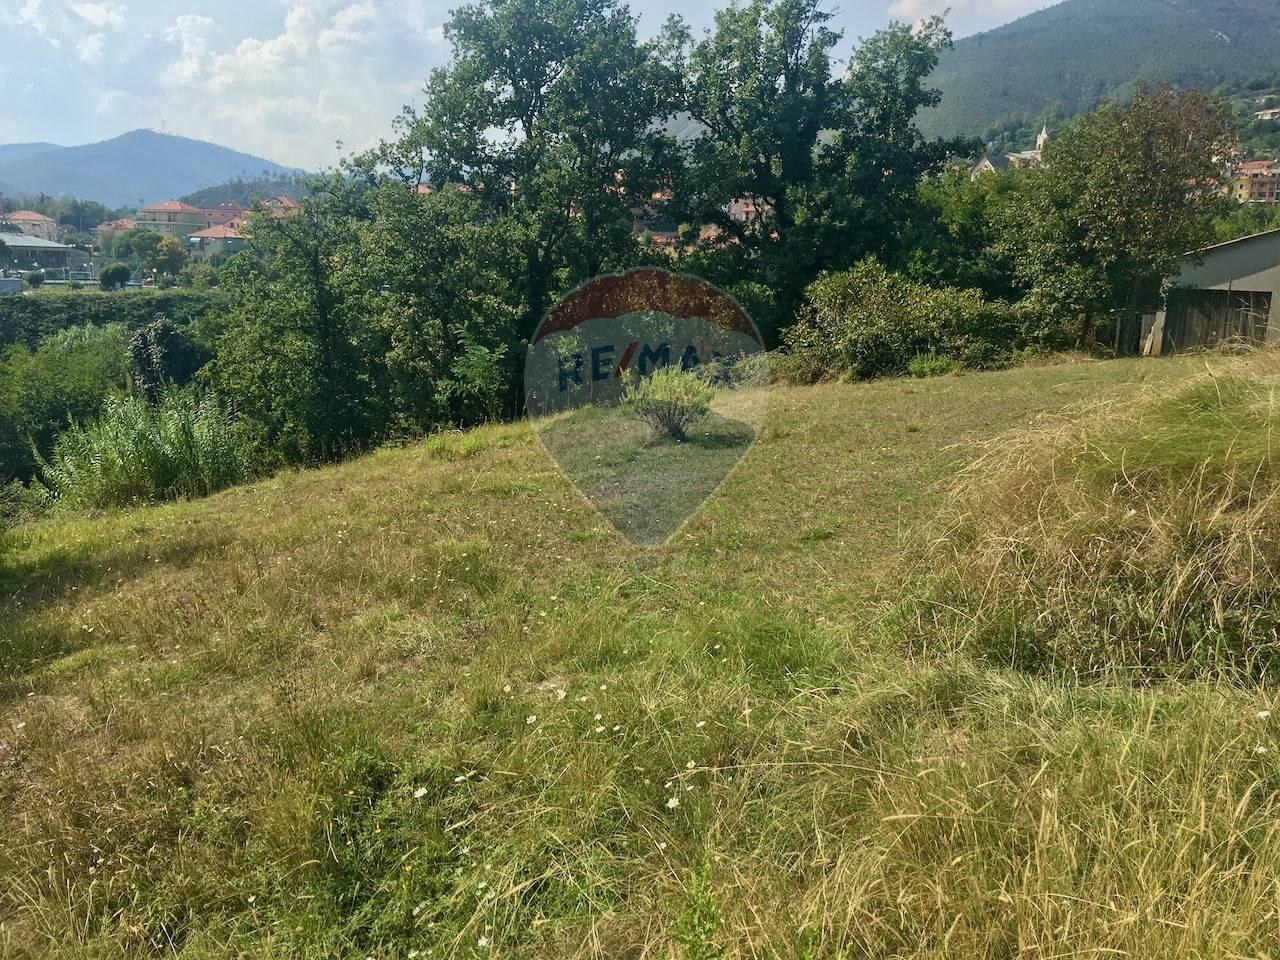 Terreno Edificabile Residenziale in vendita a Cogoleto, 9999 locali, zona Zona: Sciarborasca, prezzo € 55.000 | CambioCasa.it